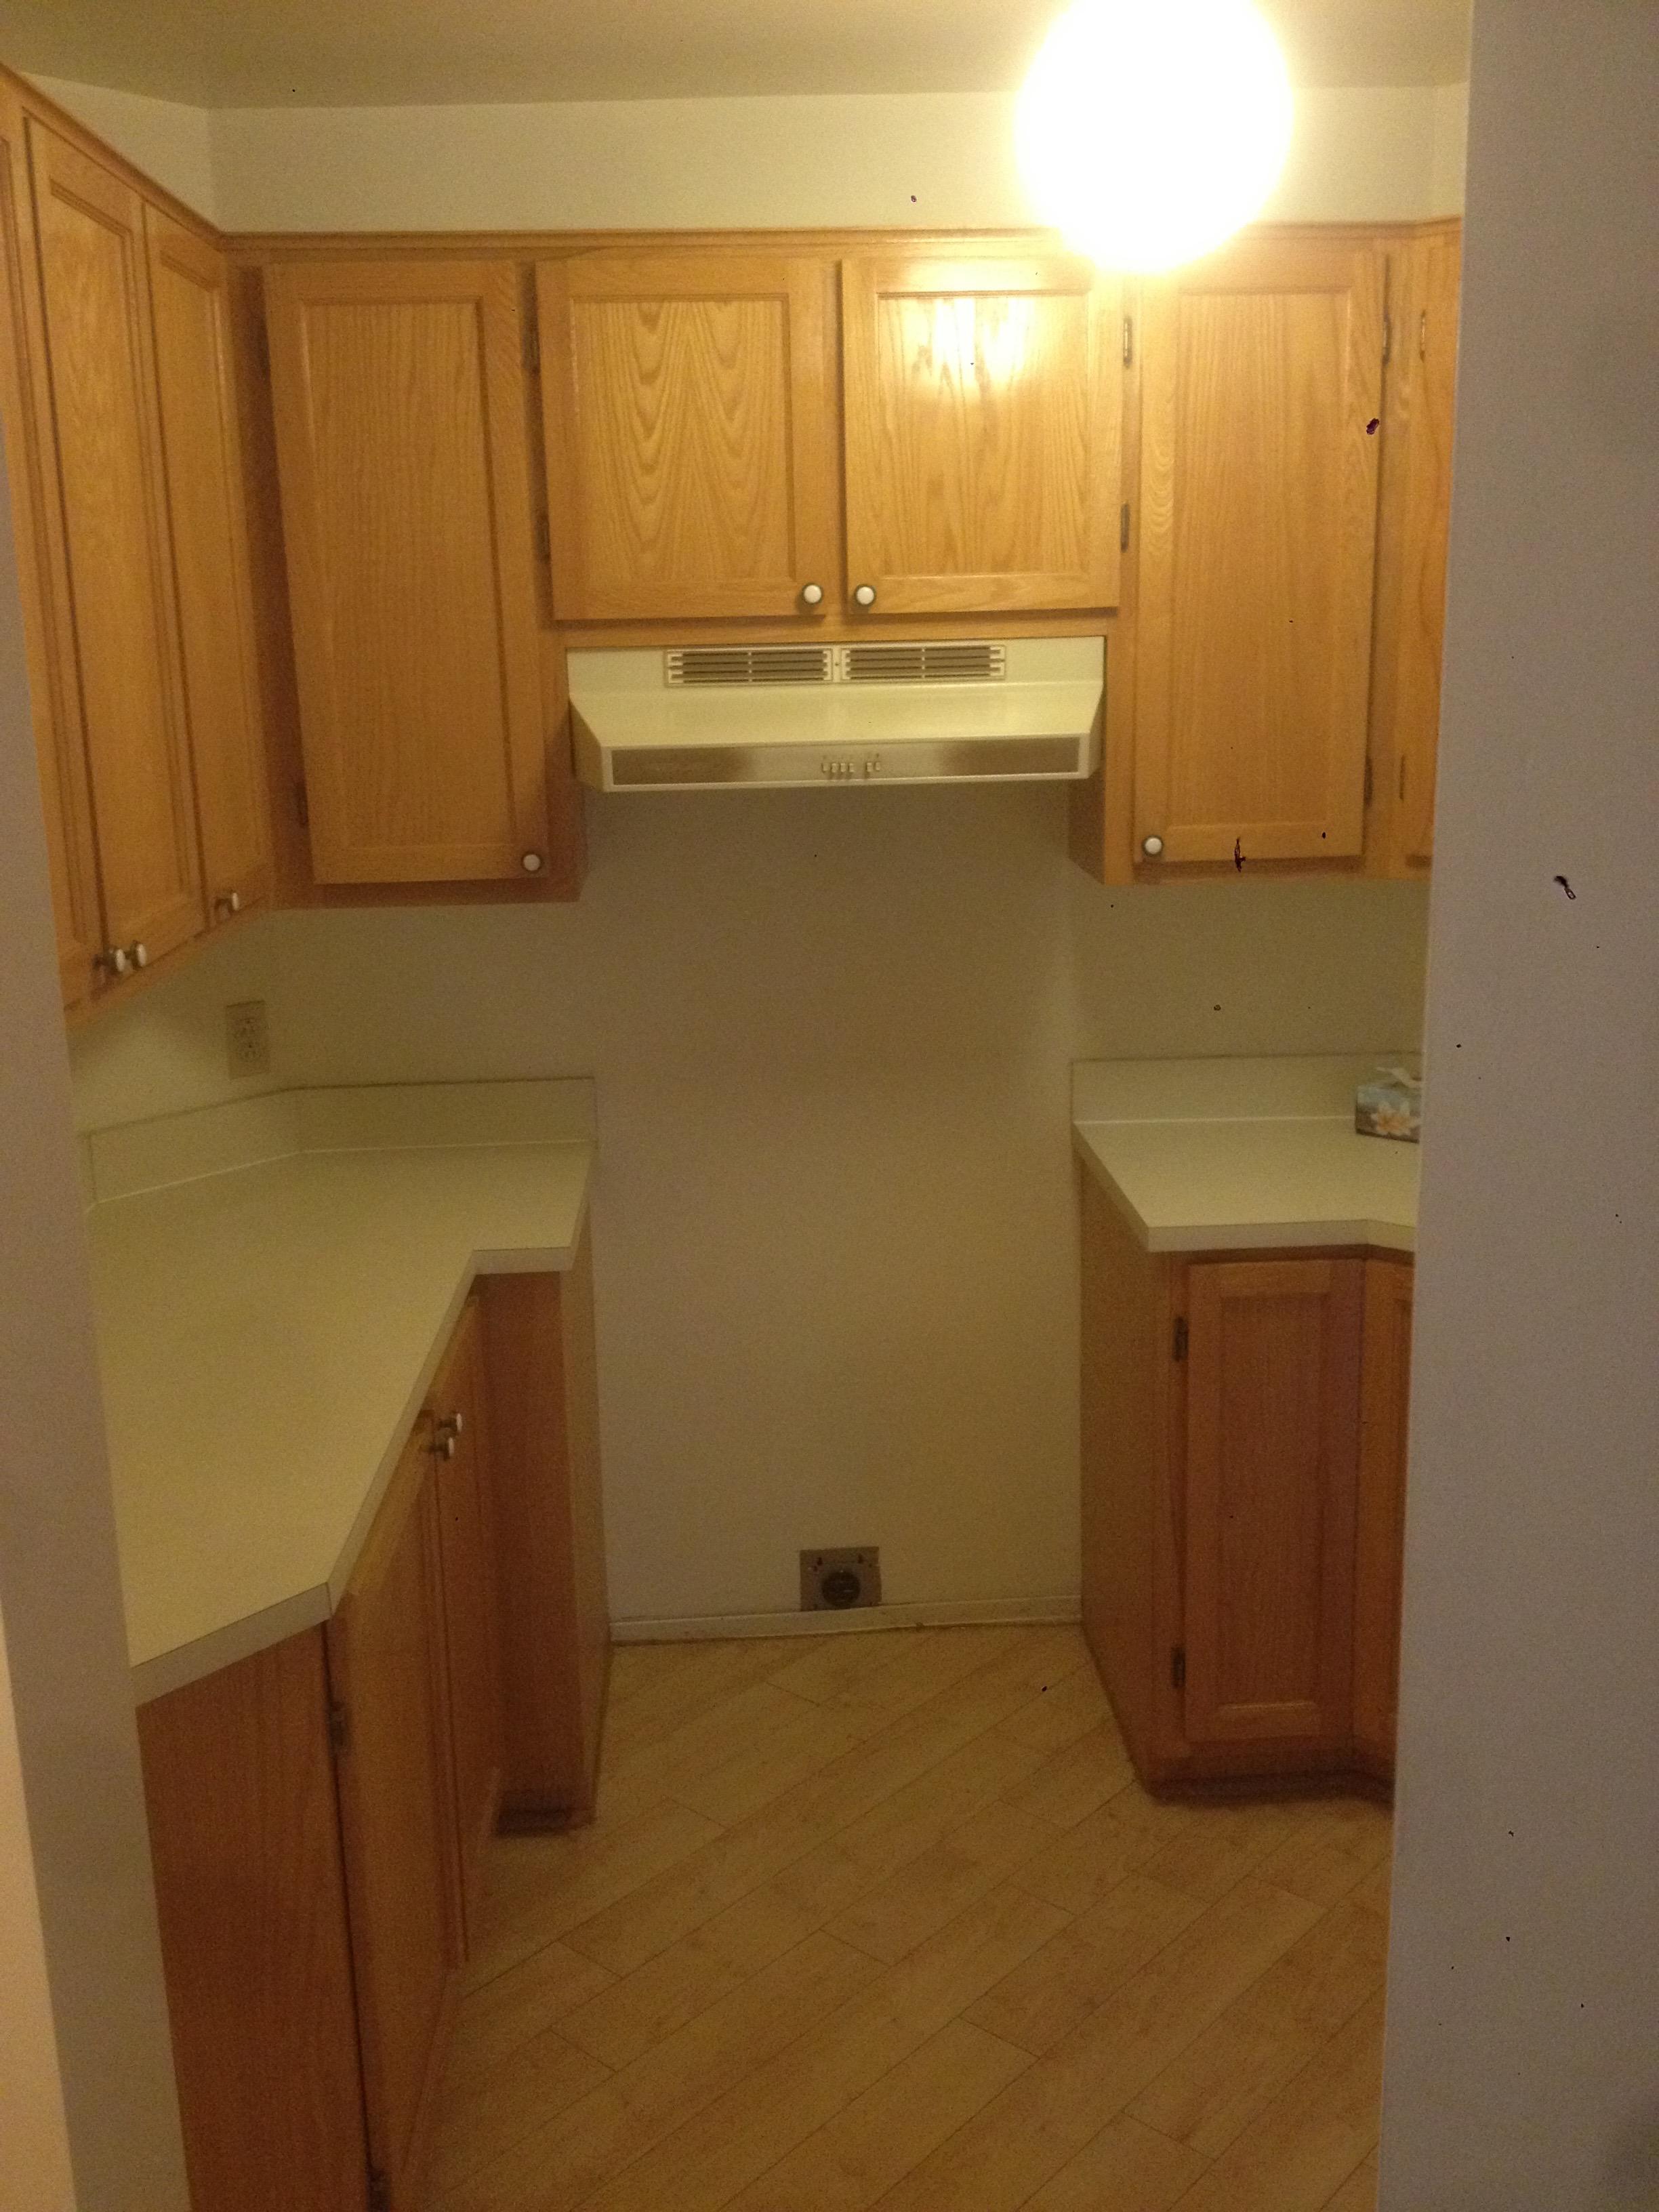 2 bedroom Apartments for rent in Sainte-Anne-de-Bellevue at Maple - Photo 08 - RentersPages – L112103